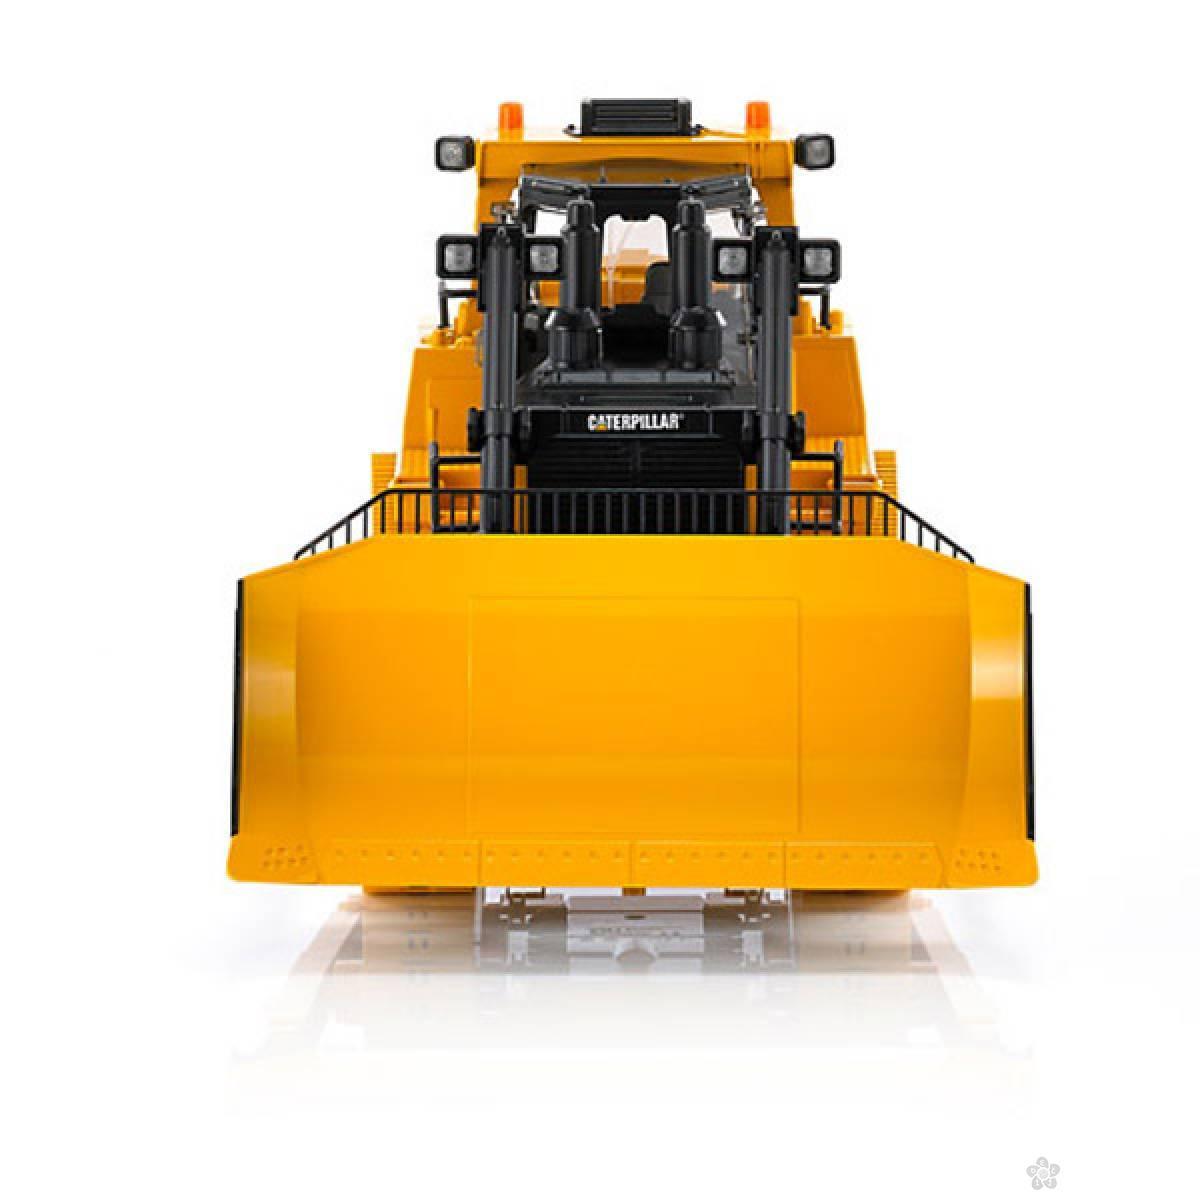 Buldožer Caterpillar veliki 024529